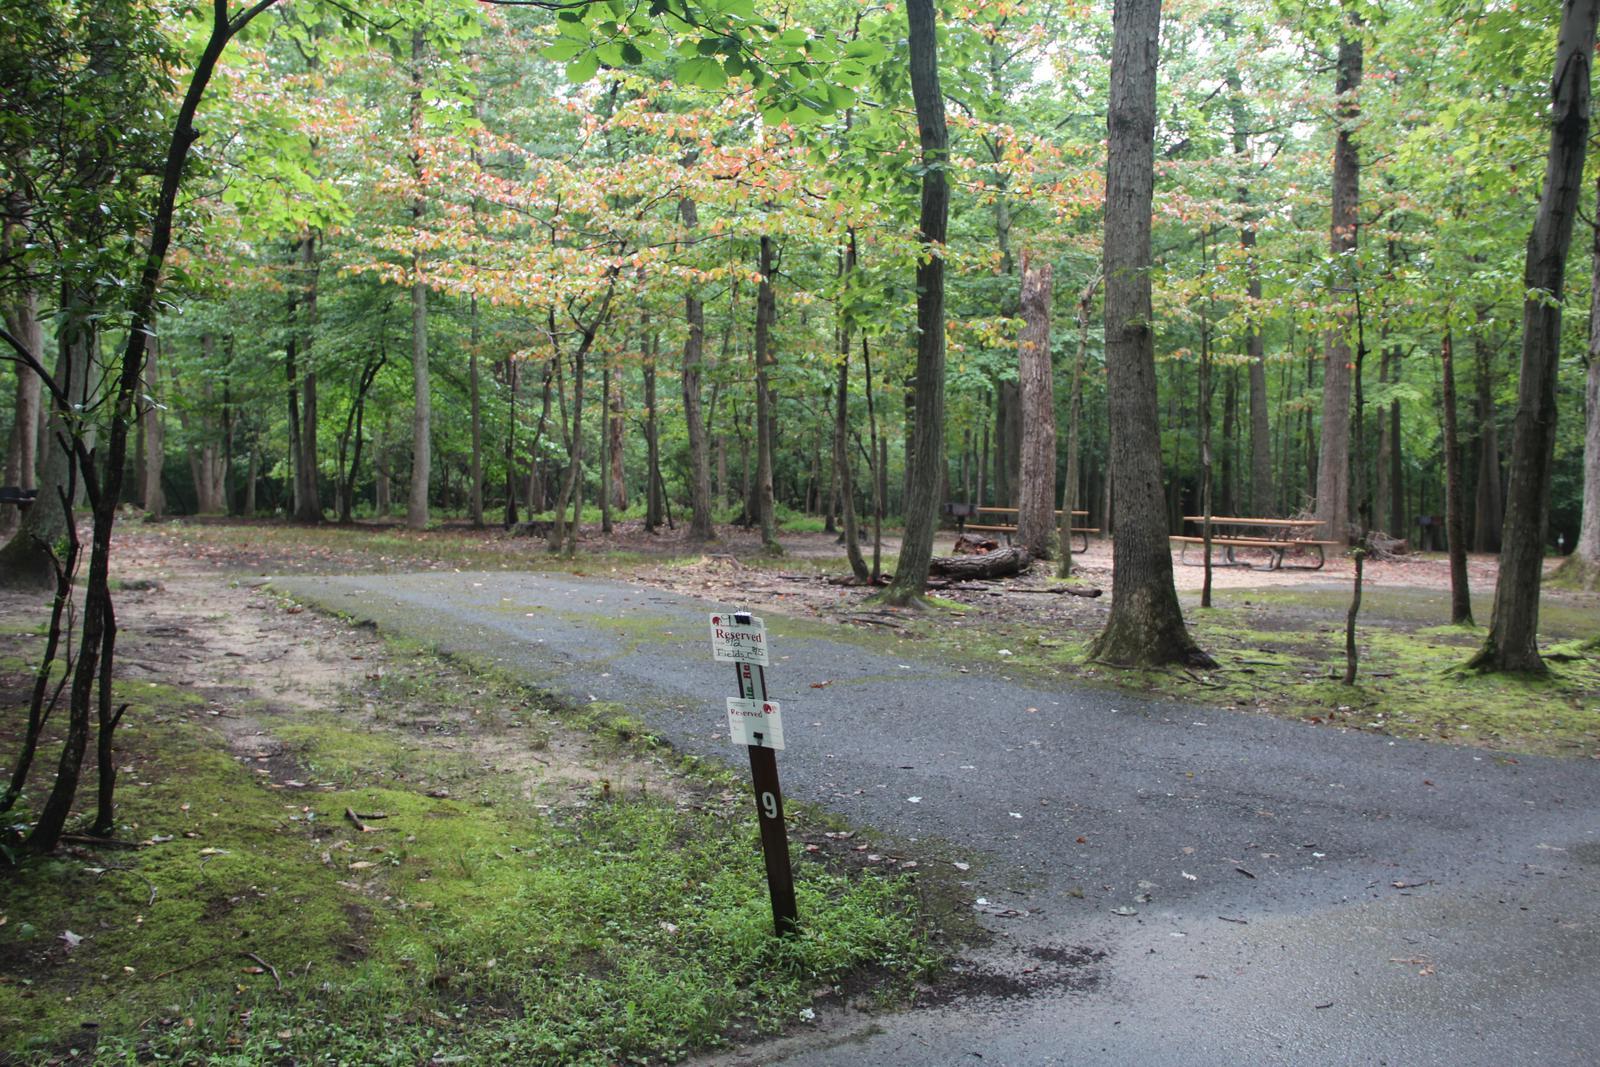 Greenbelt Park Campground Site 009